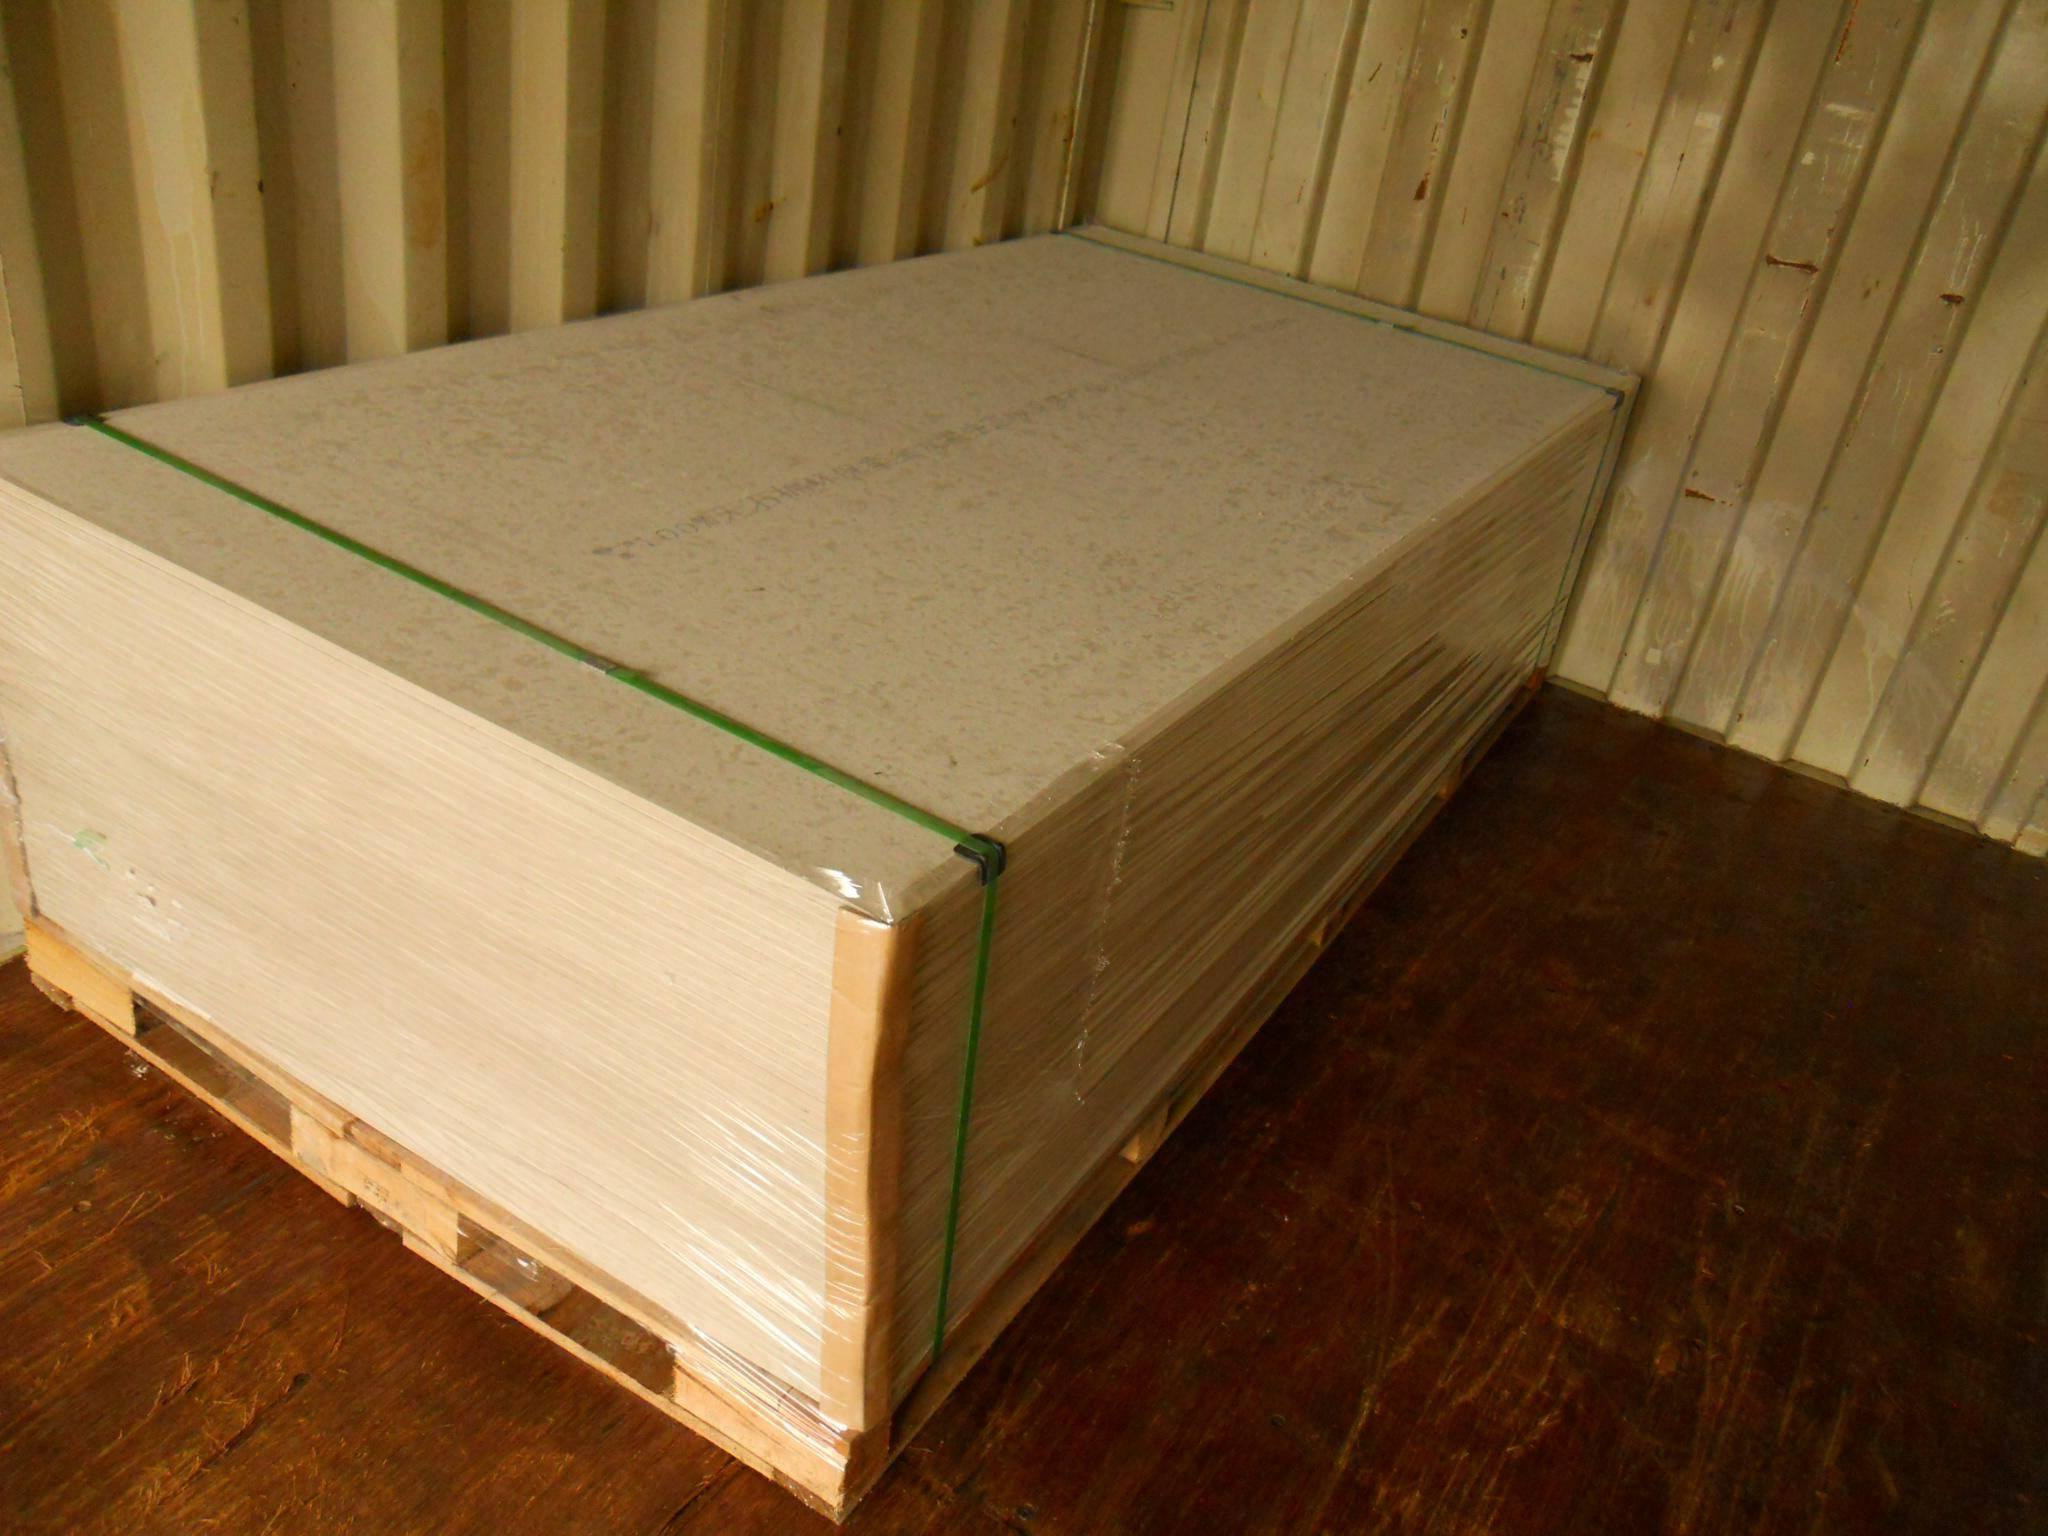 construction board,building board,calium silicate board